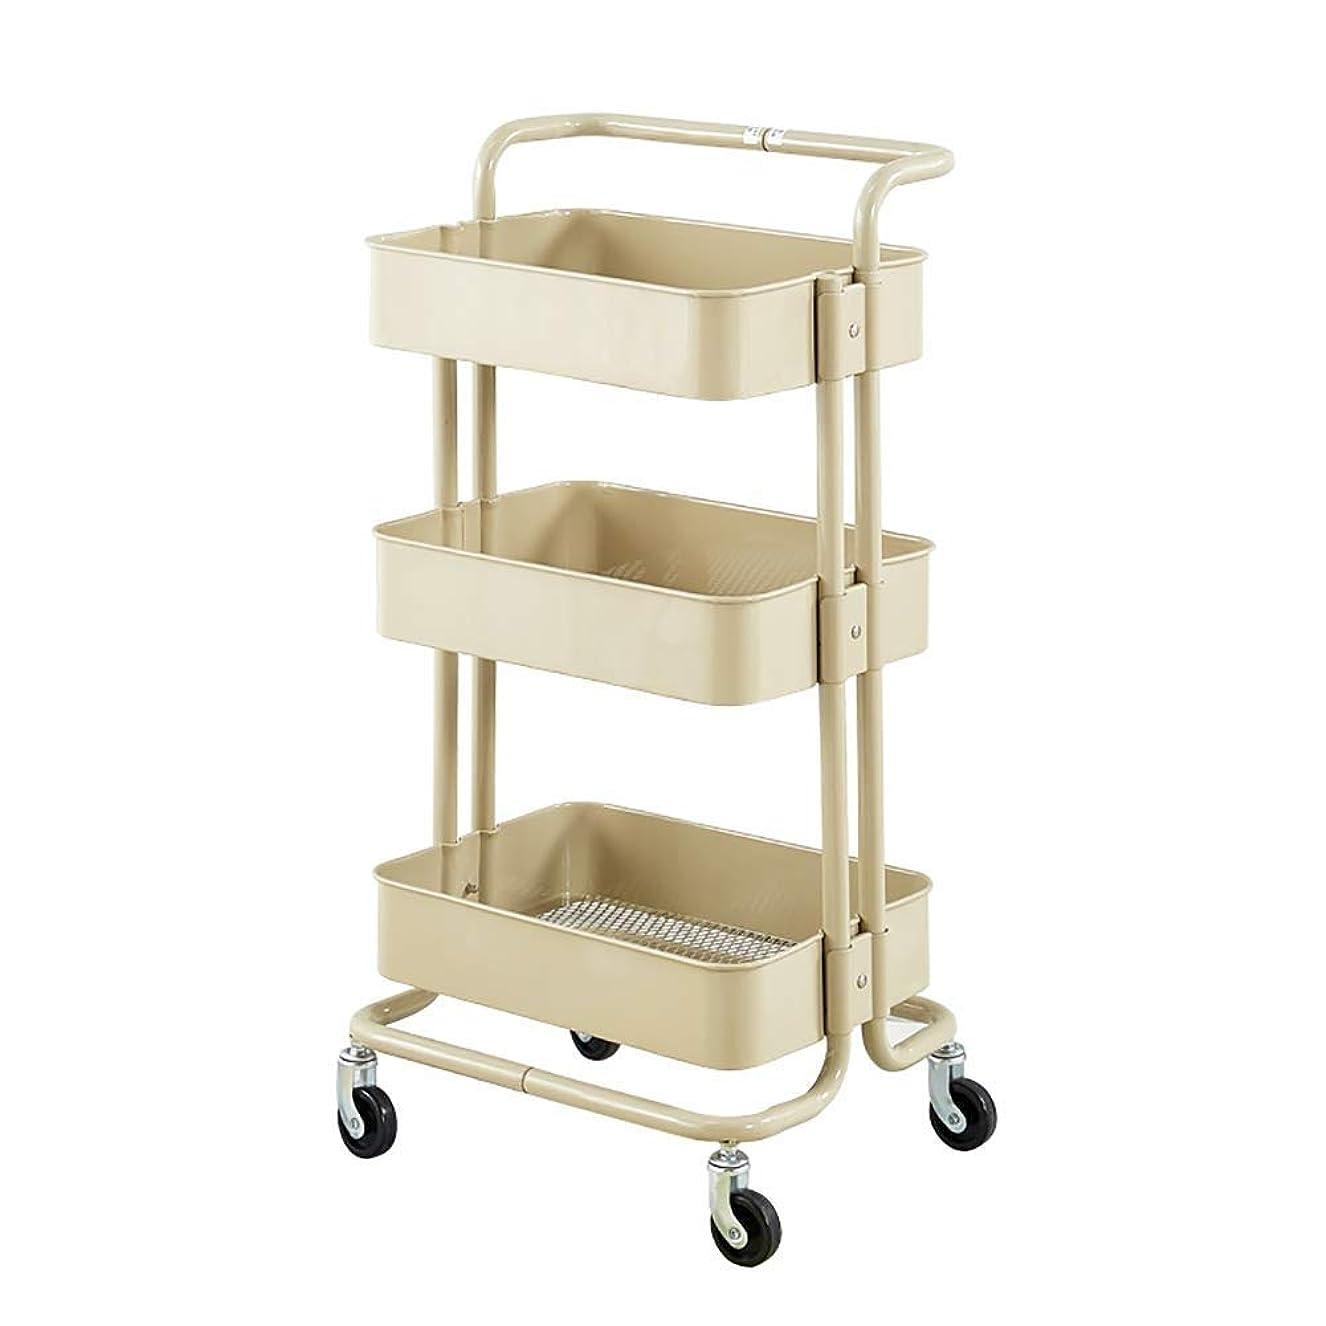 犯す焦げチップ仕事の家のカート用具の移動式美の圧延のトロリーカート、回転式滑車が付いている3層の居間/台所収納カート (Color : Beige, Size : Thickened)